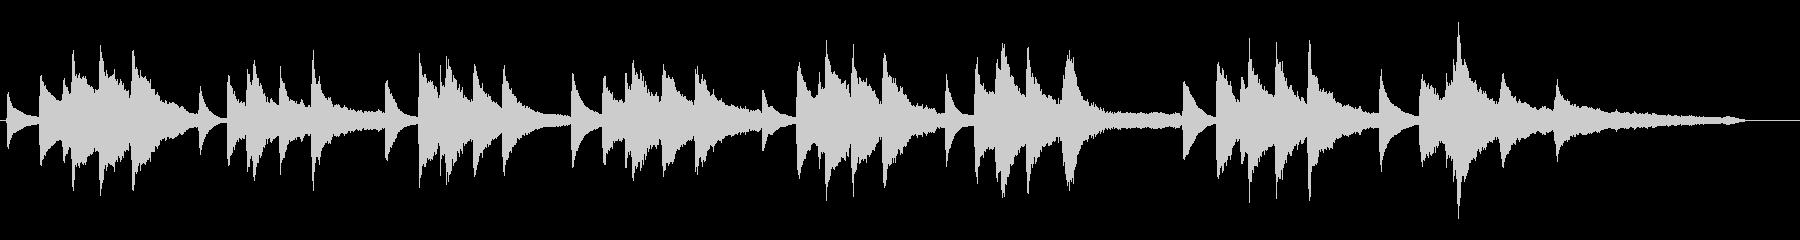 CMでよく聴くショパンの前奏曲第7番の未再生の波形